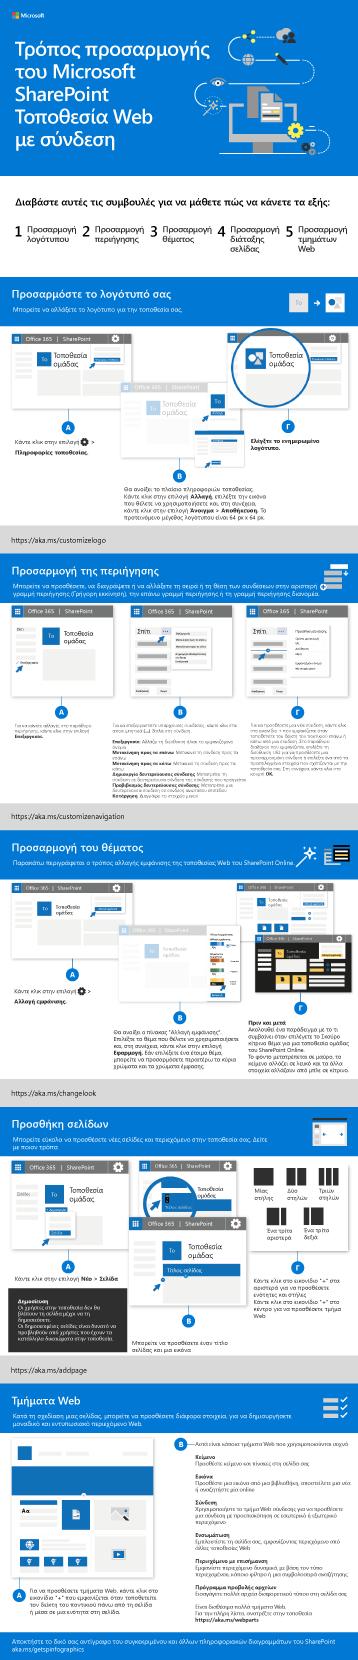 Προσαρμογή της τοποθεσίας SharePoint